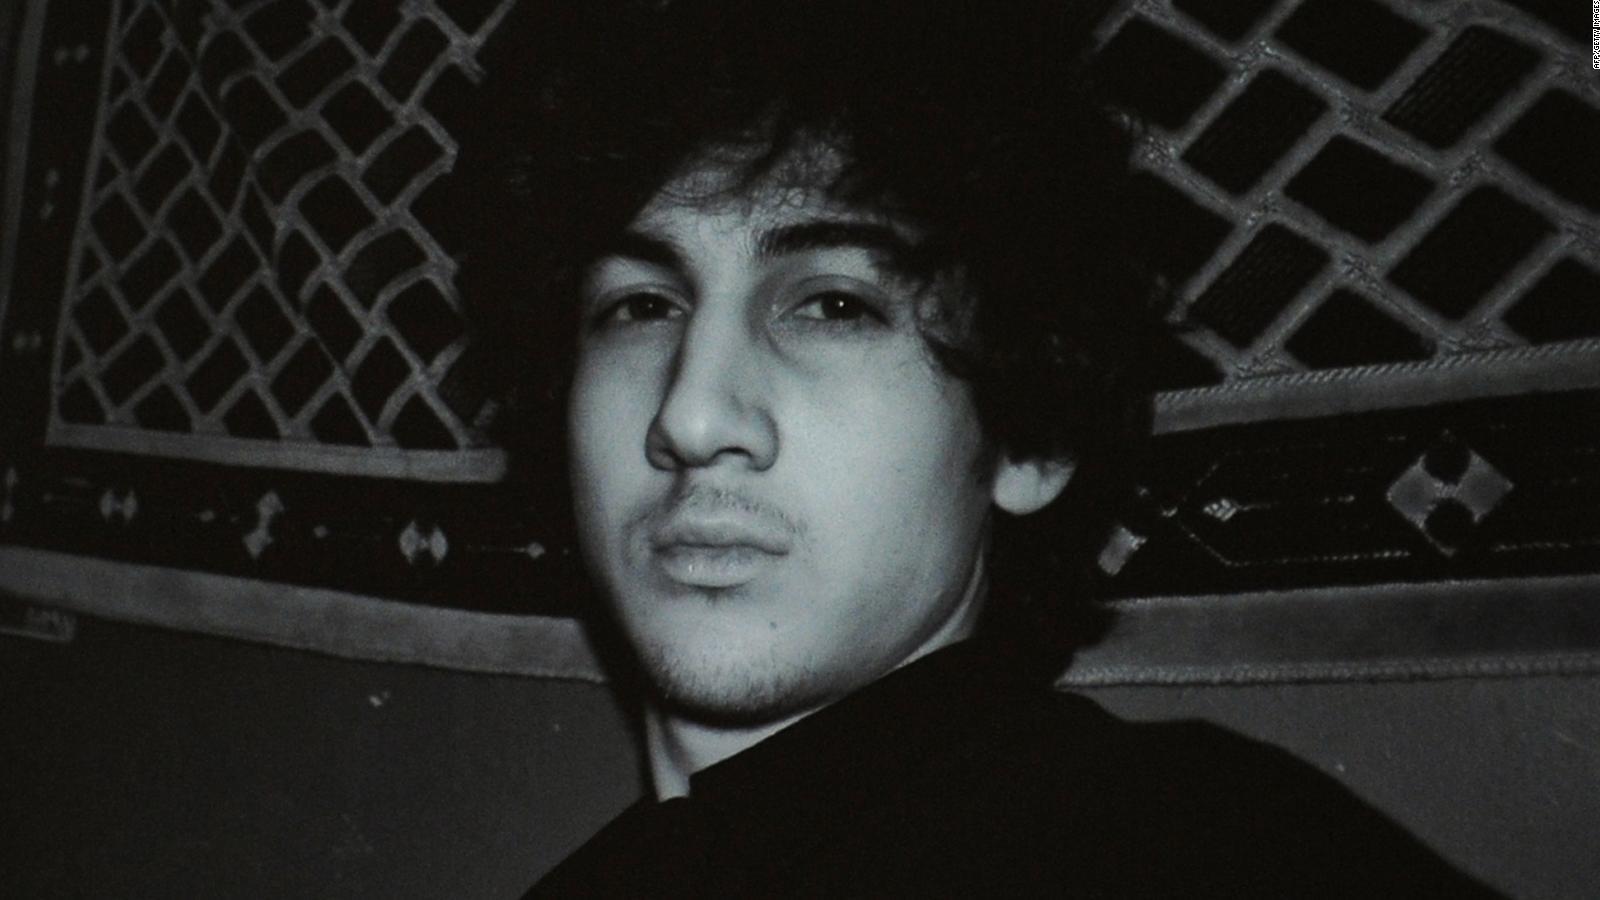 dzhokhar tsarnaev - photo #11